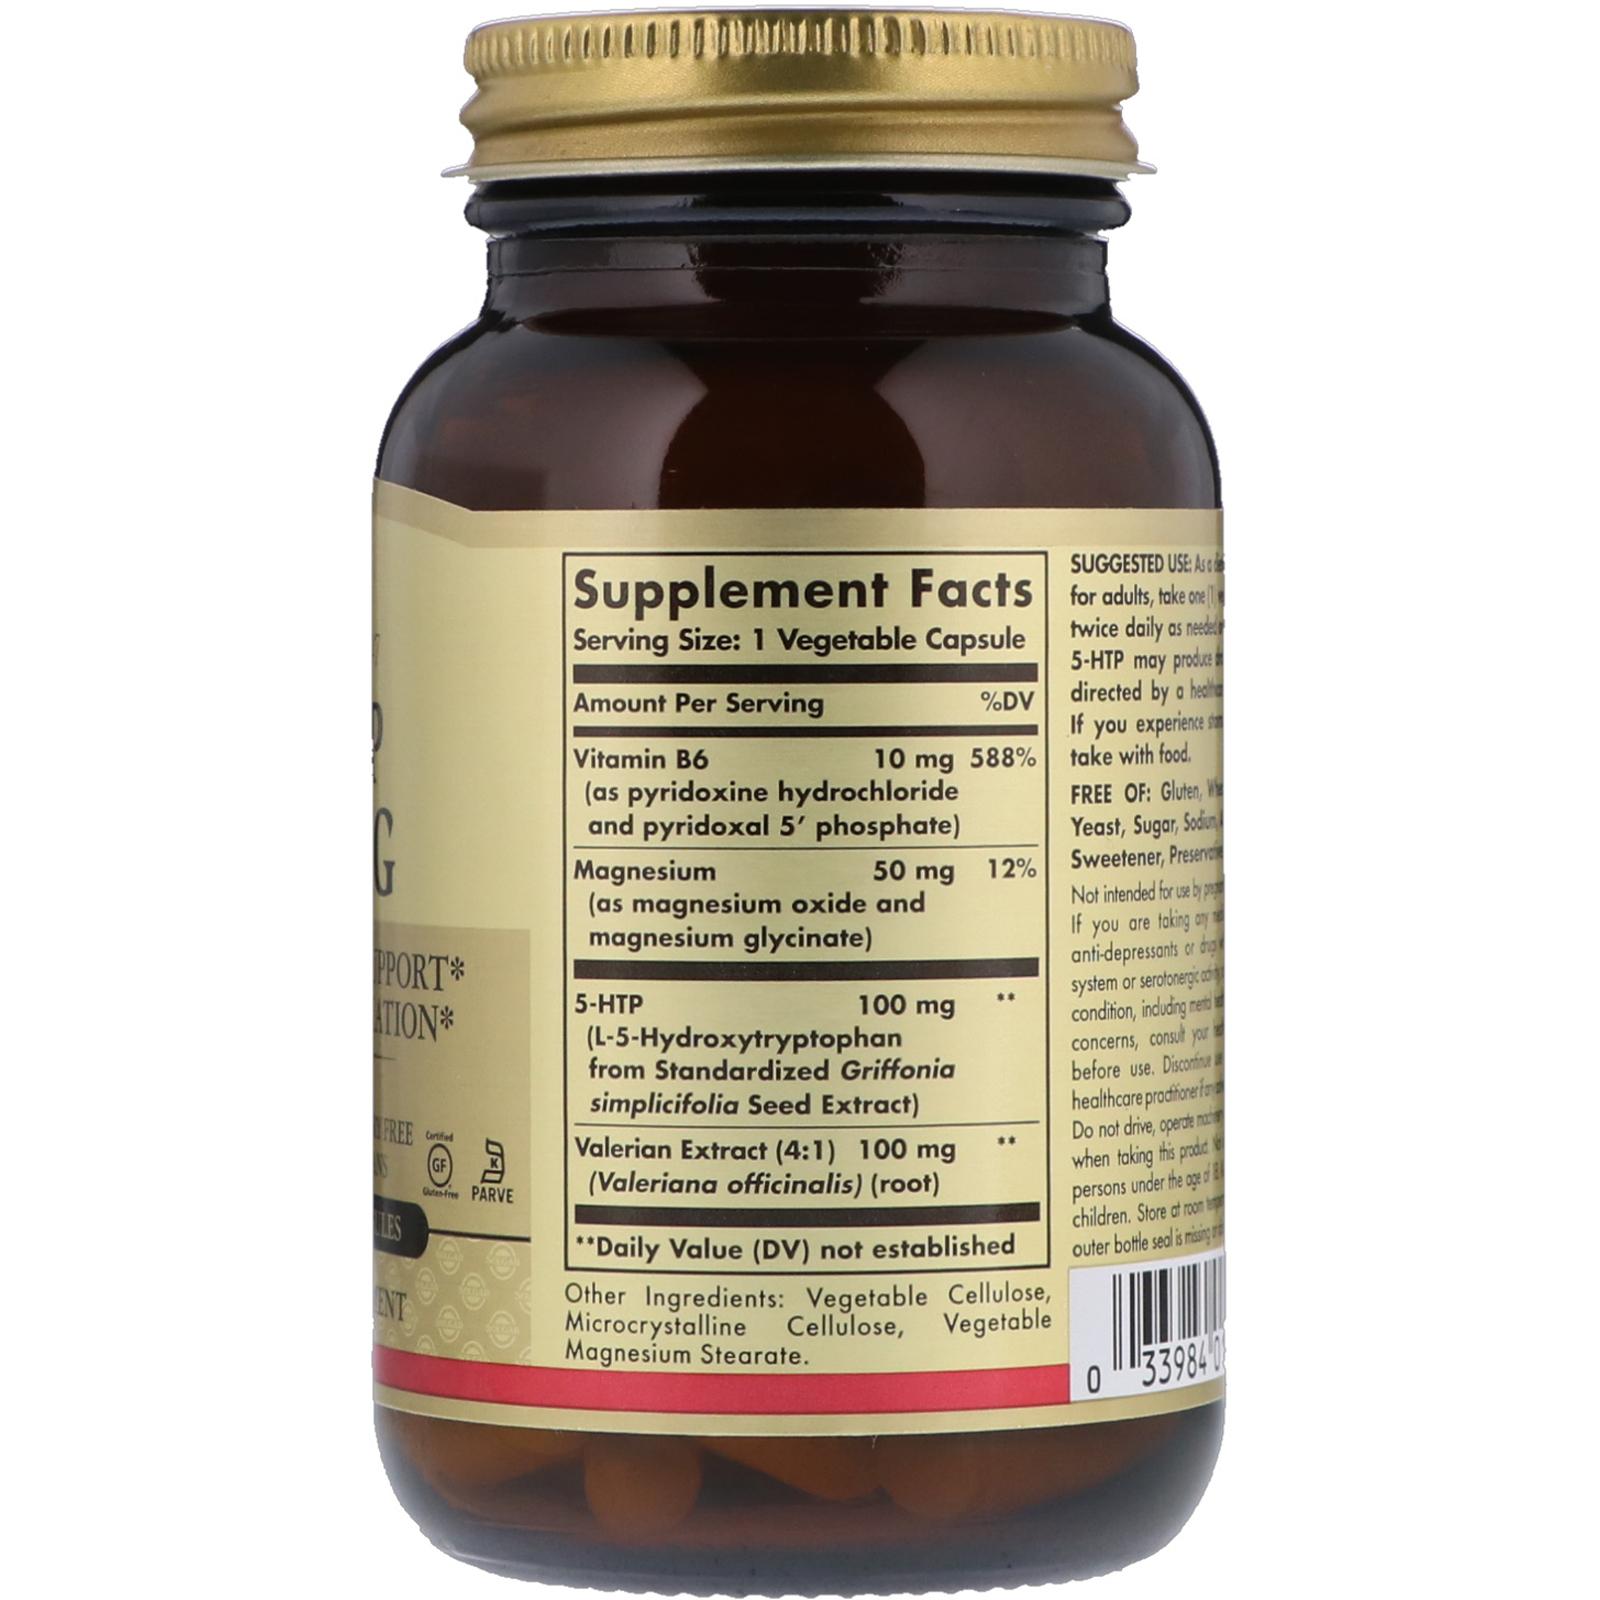 האחרון Solgar, 5-HTP, 100 mg, 90 Vegetable Capsules - iHerb.com EH-04